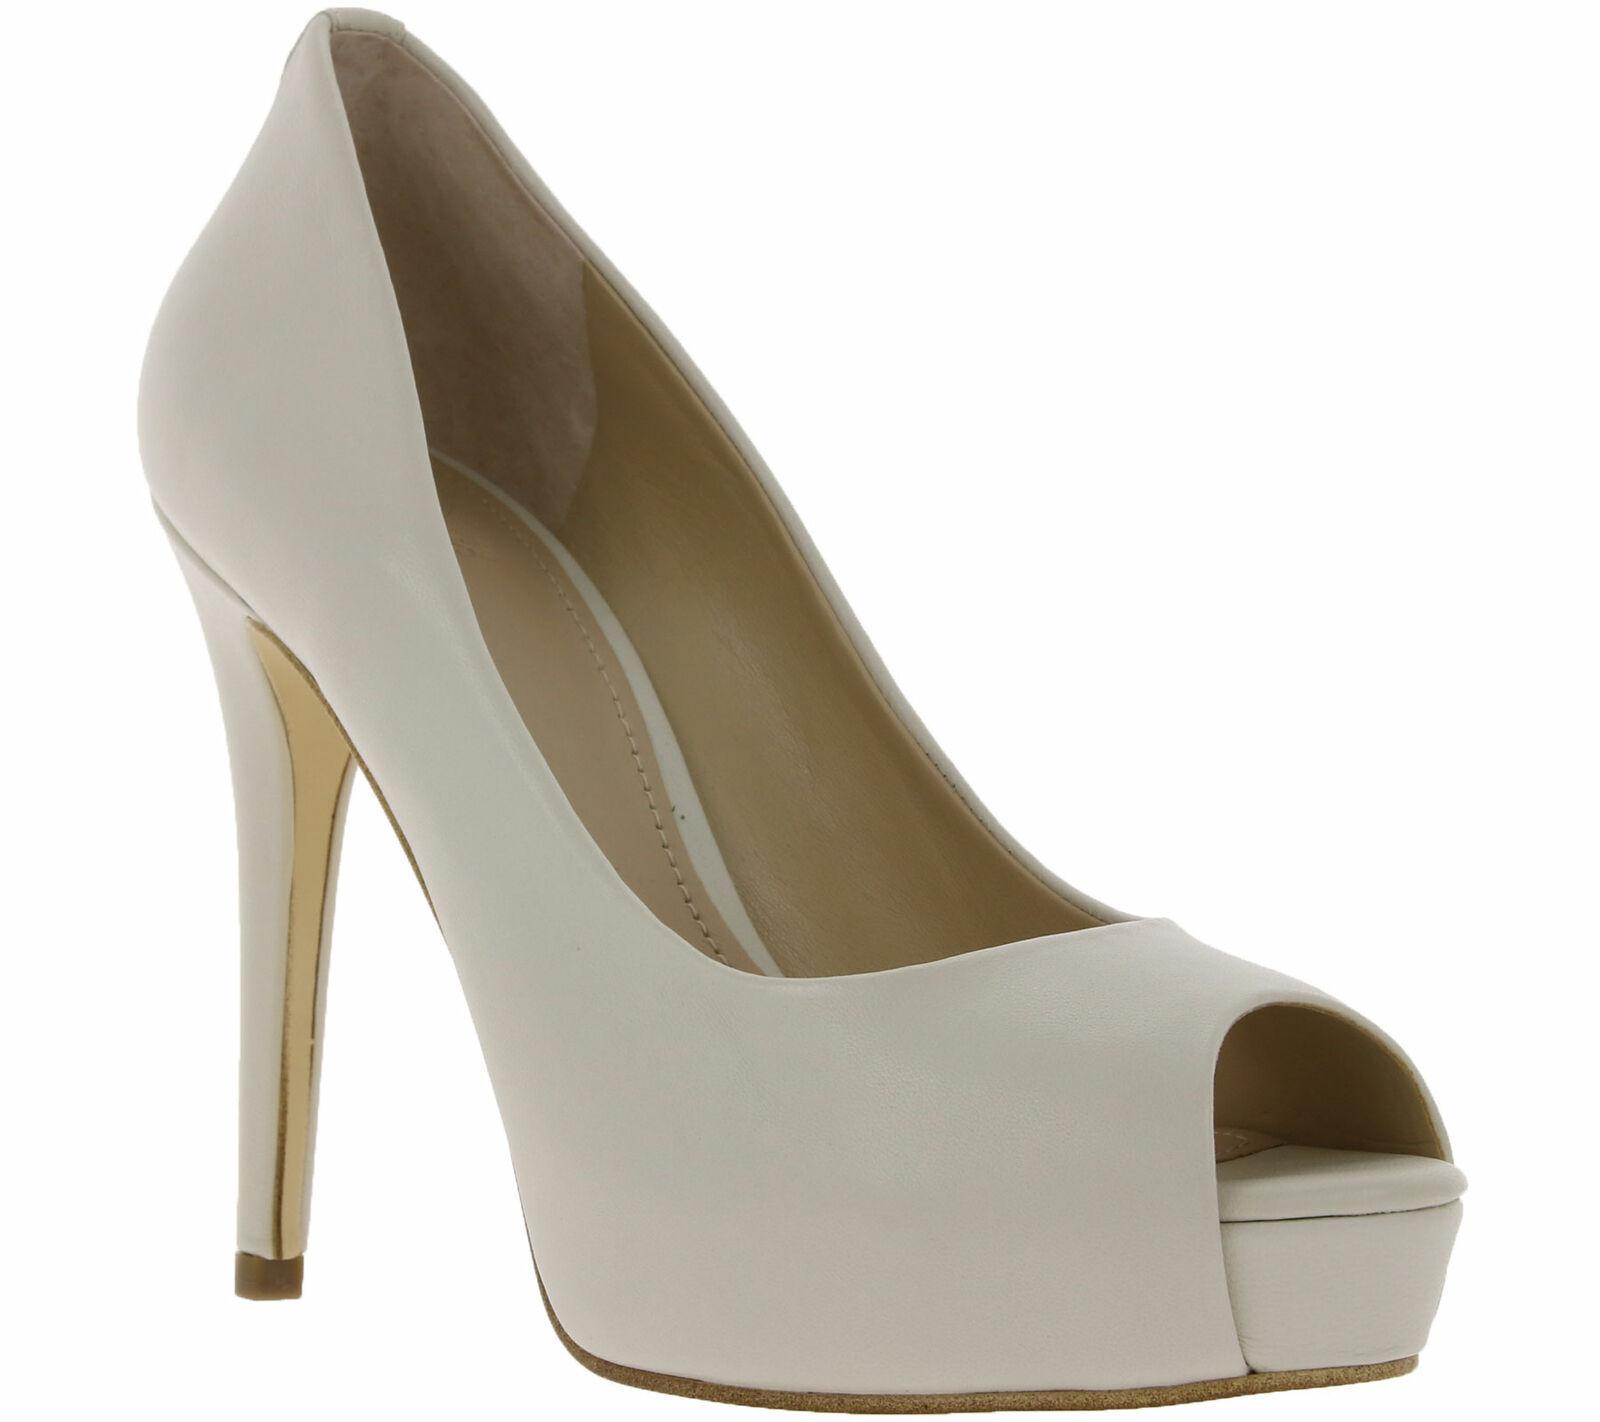 GUESS Schuhe Echtleder-Pumps moderne Damen Peeptoes im schlichten Look Weiß